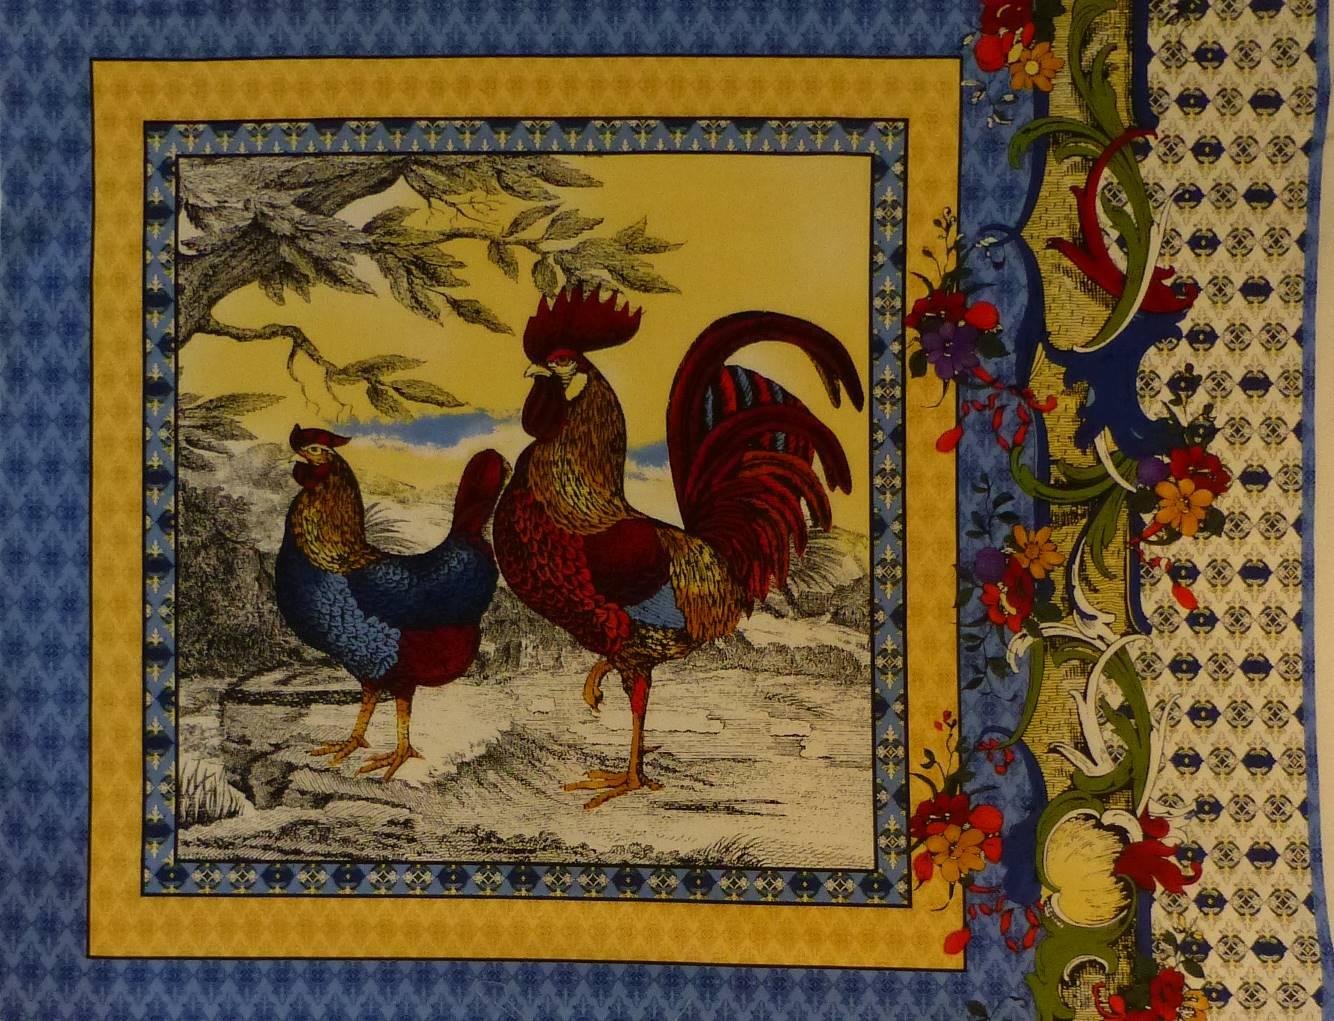 0783-panneau-tissu-coq-poule